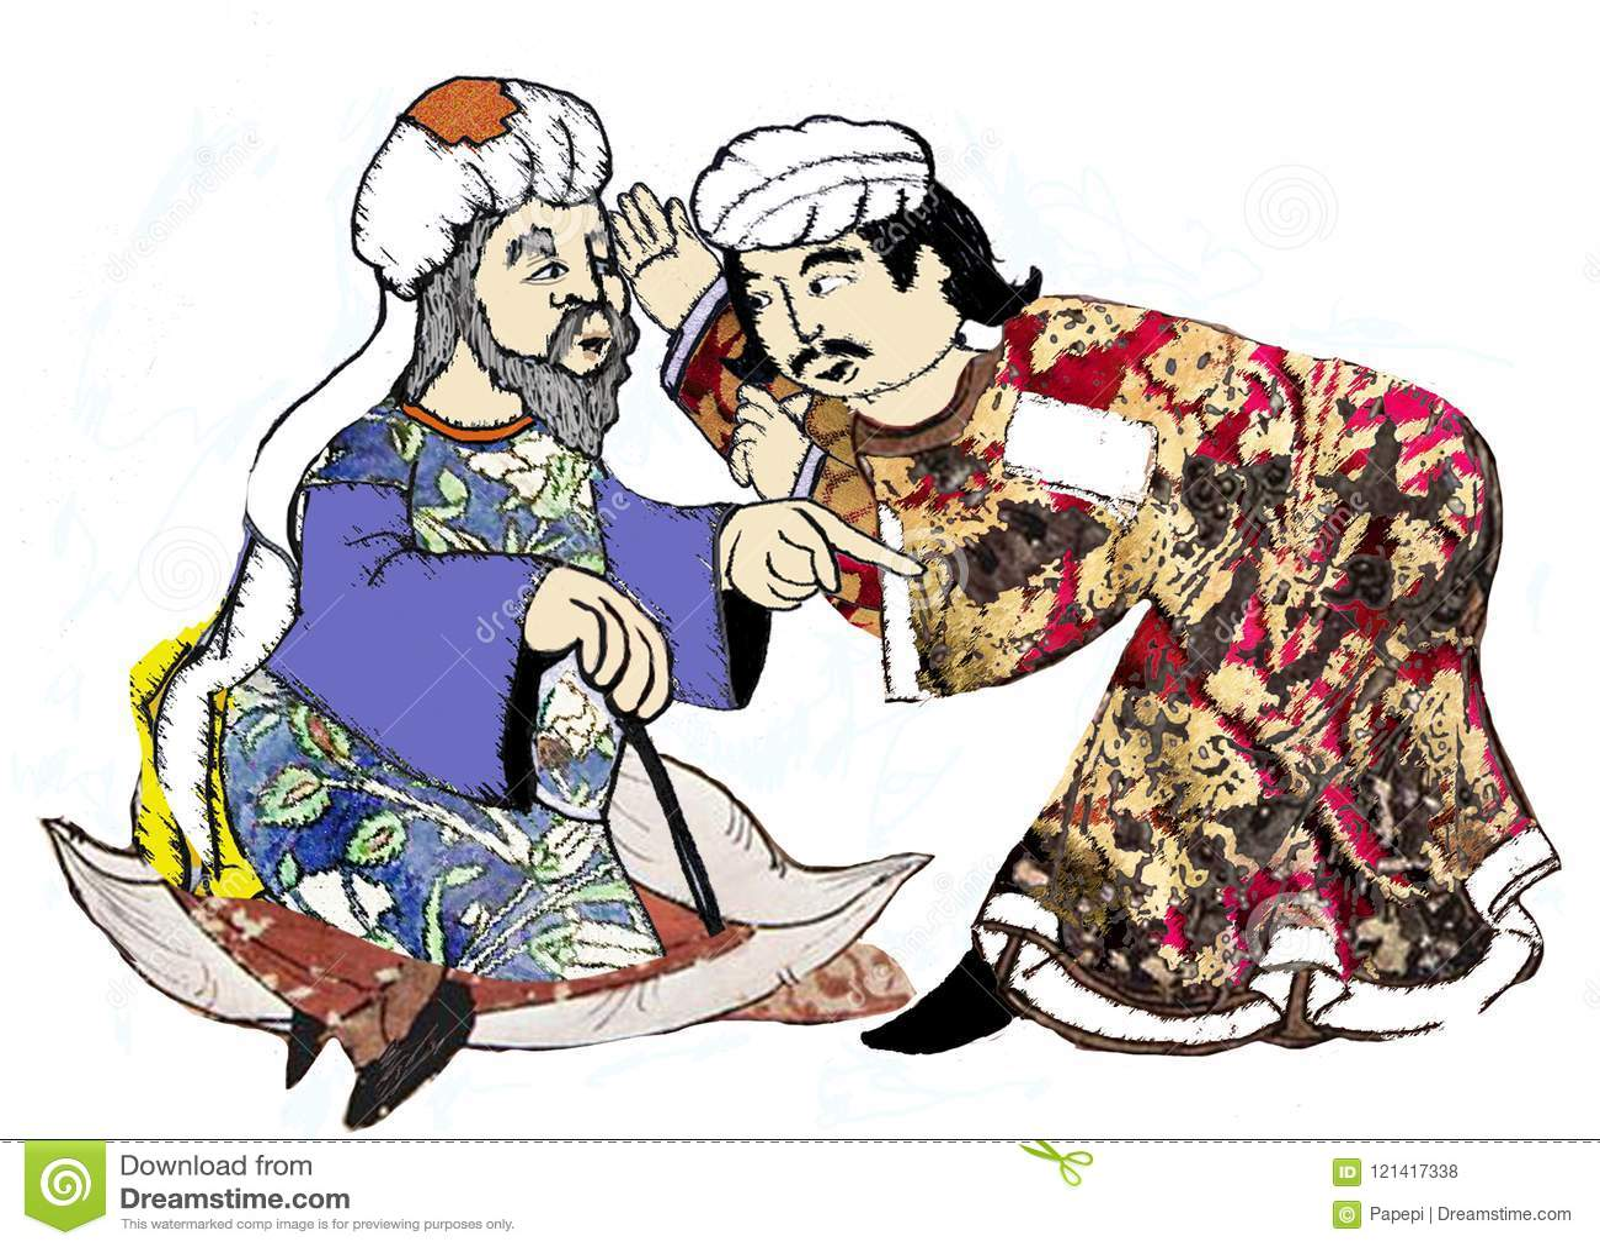 Homens De Siria Reproposed Por Desenhos Antigos Ilustracao Stock